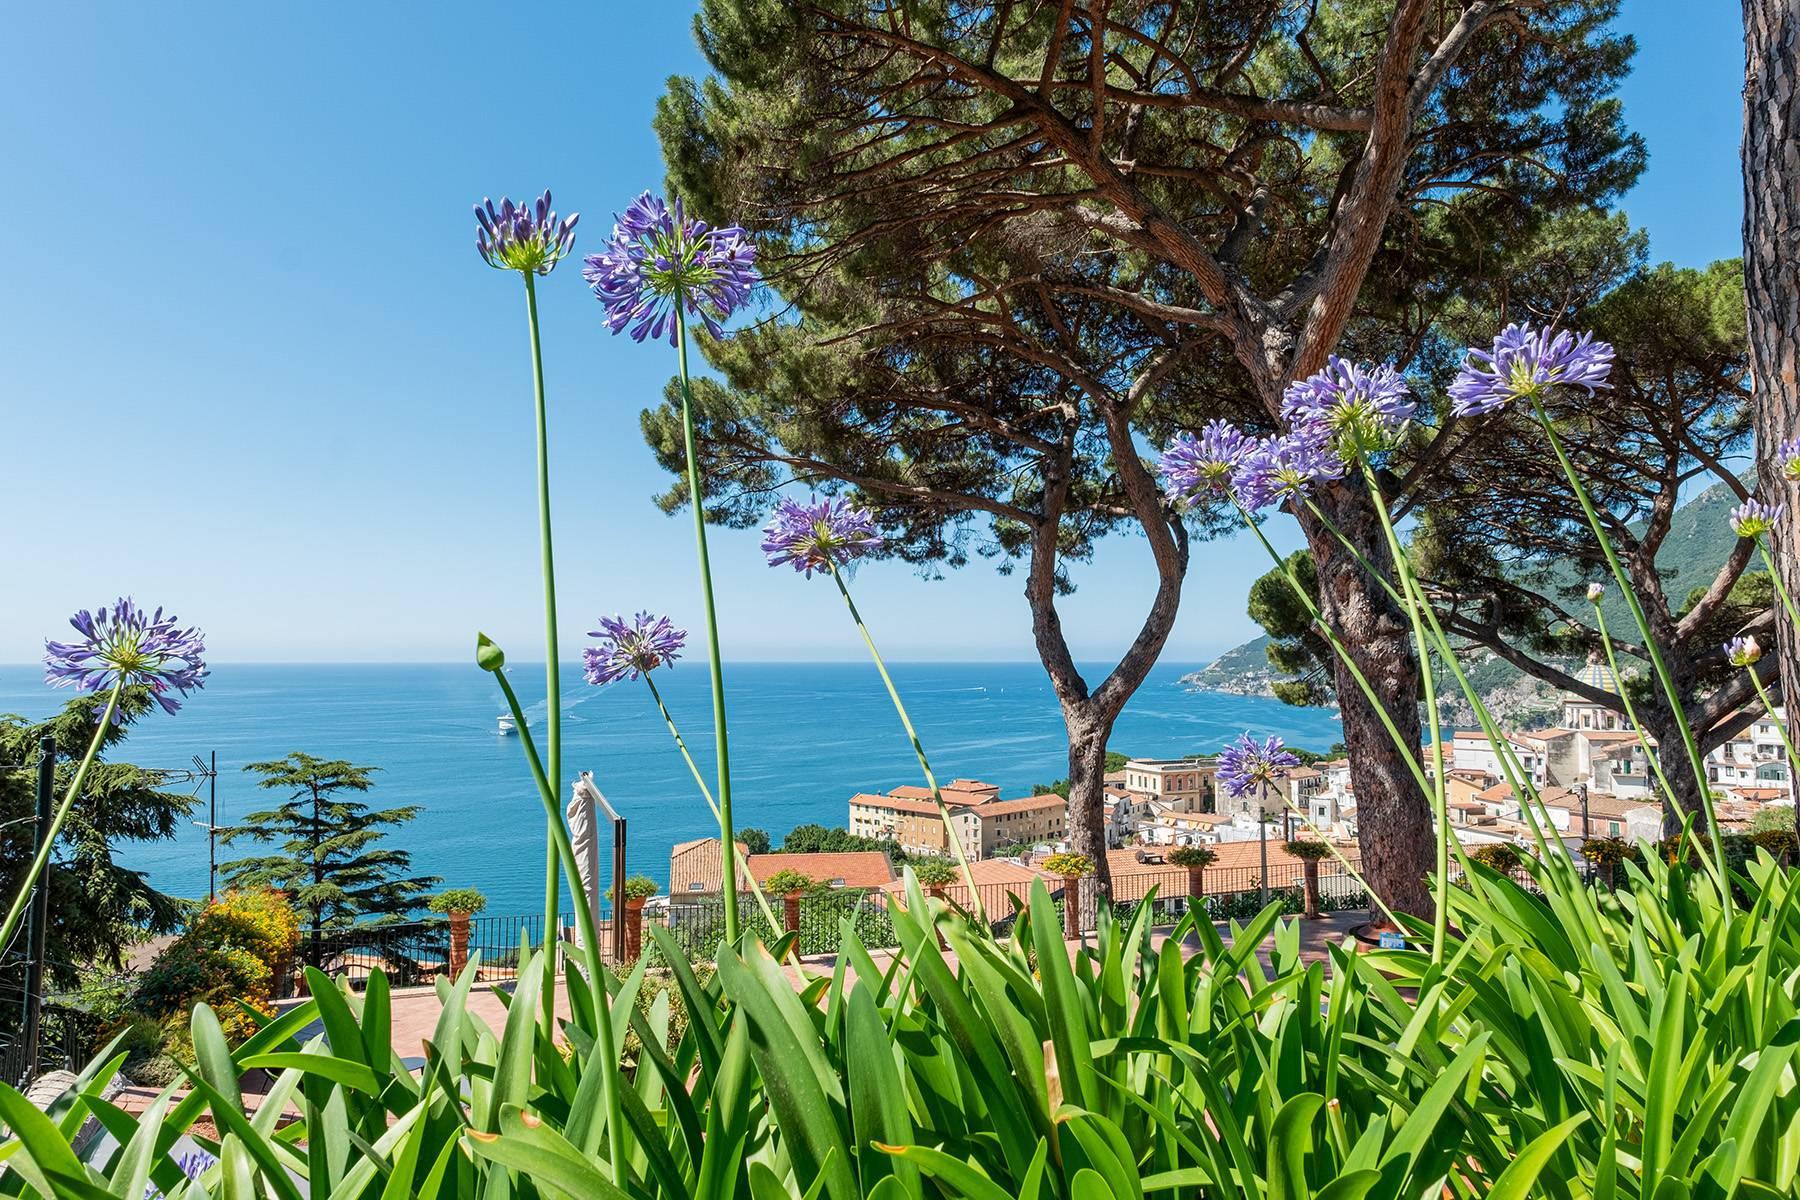 Historisches Anwesen im Grünen mit atemberaubendem Blick auf den Golf von Vietri - 14